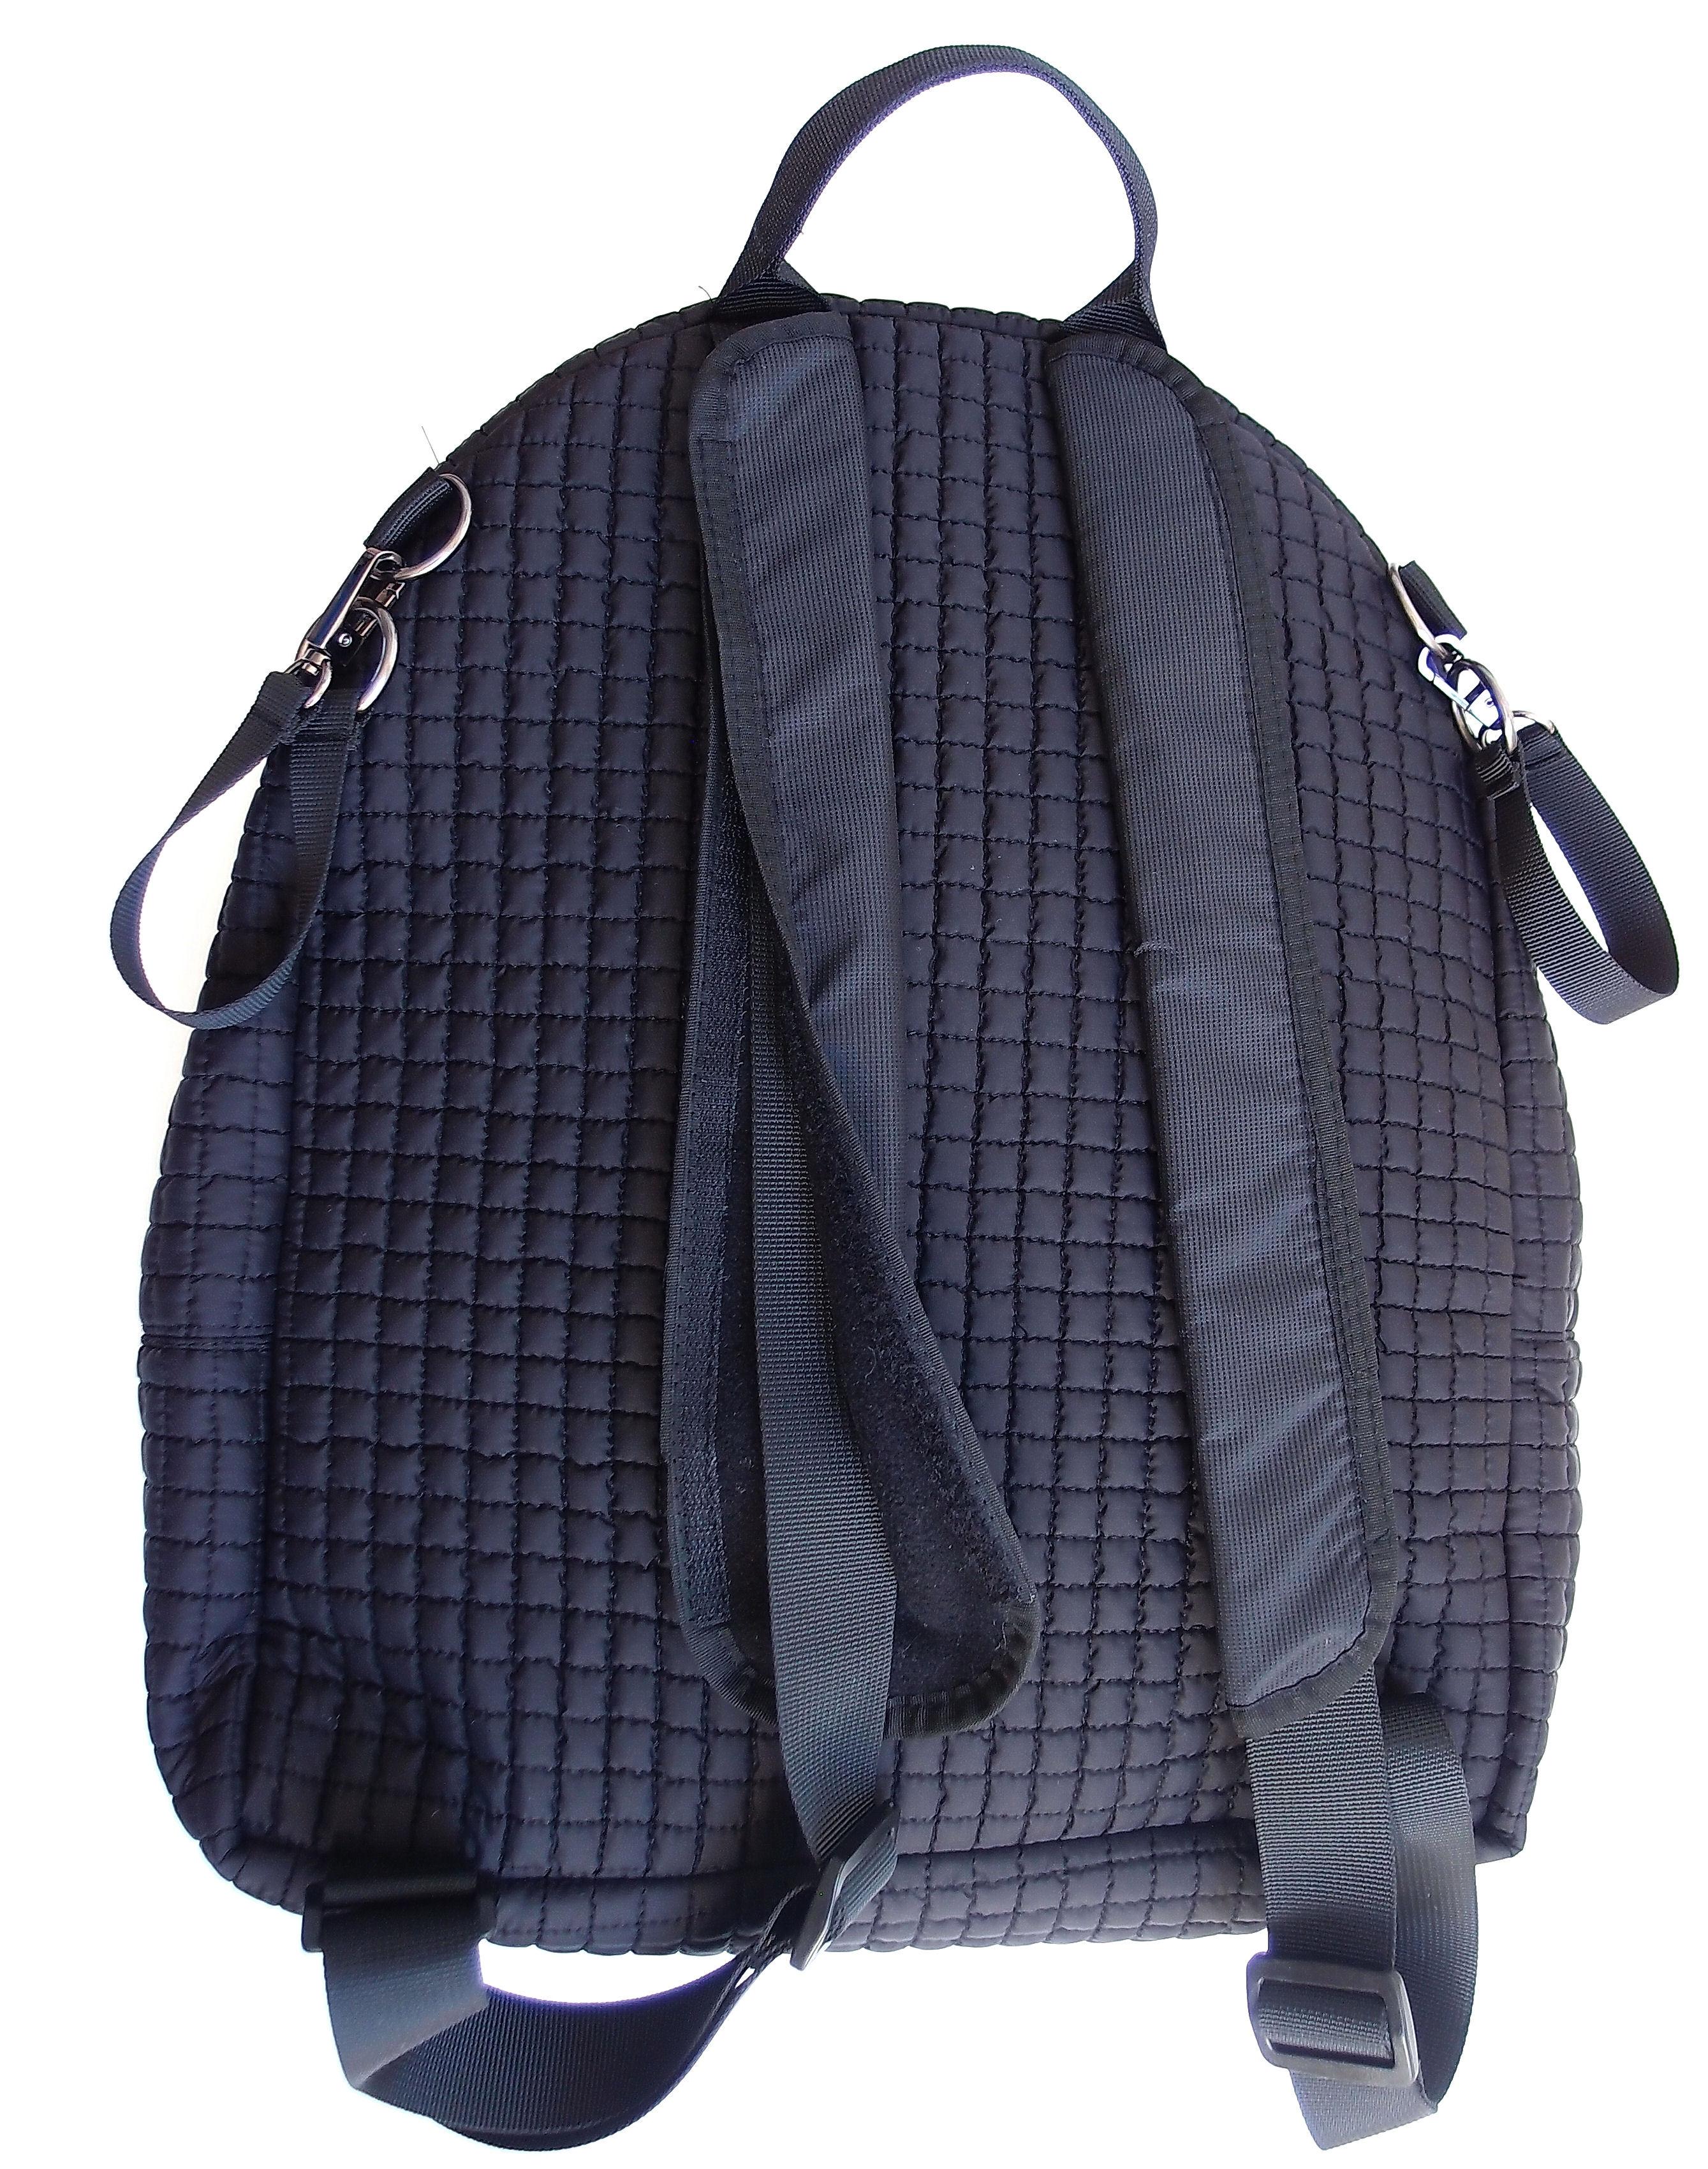 kliknutít zobrazíte maximální velikost obrázku polstrování na popruhy k batohu